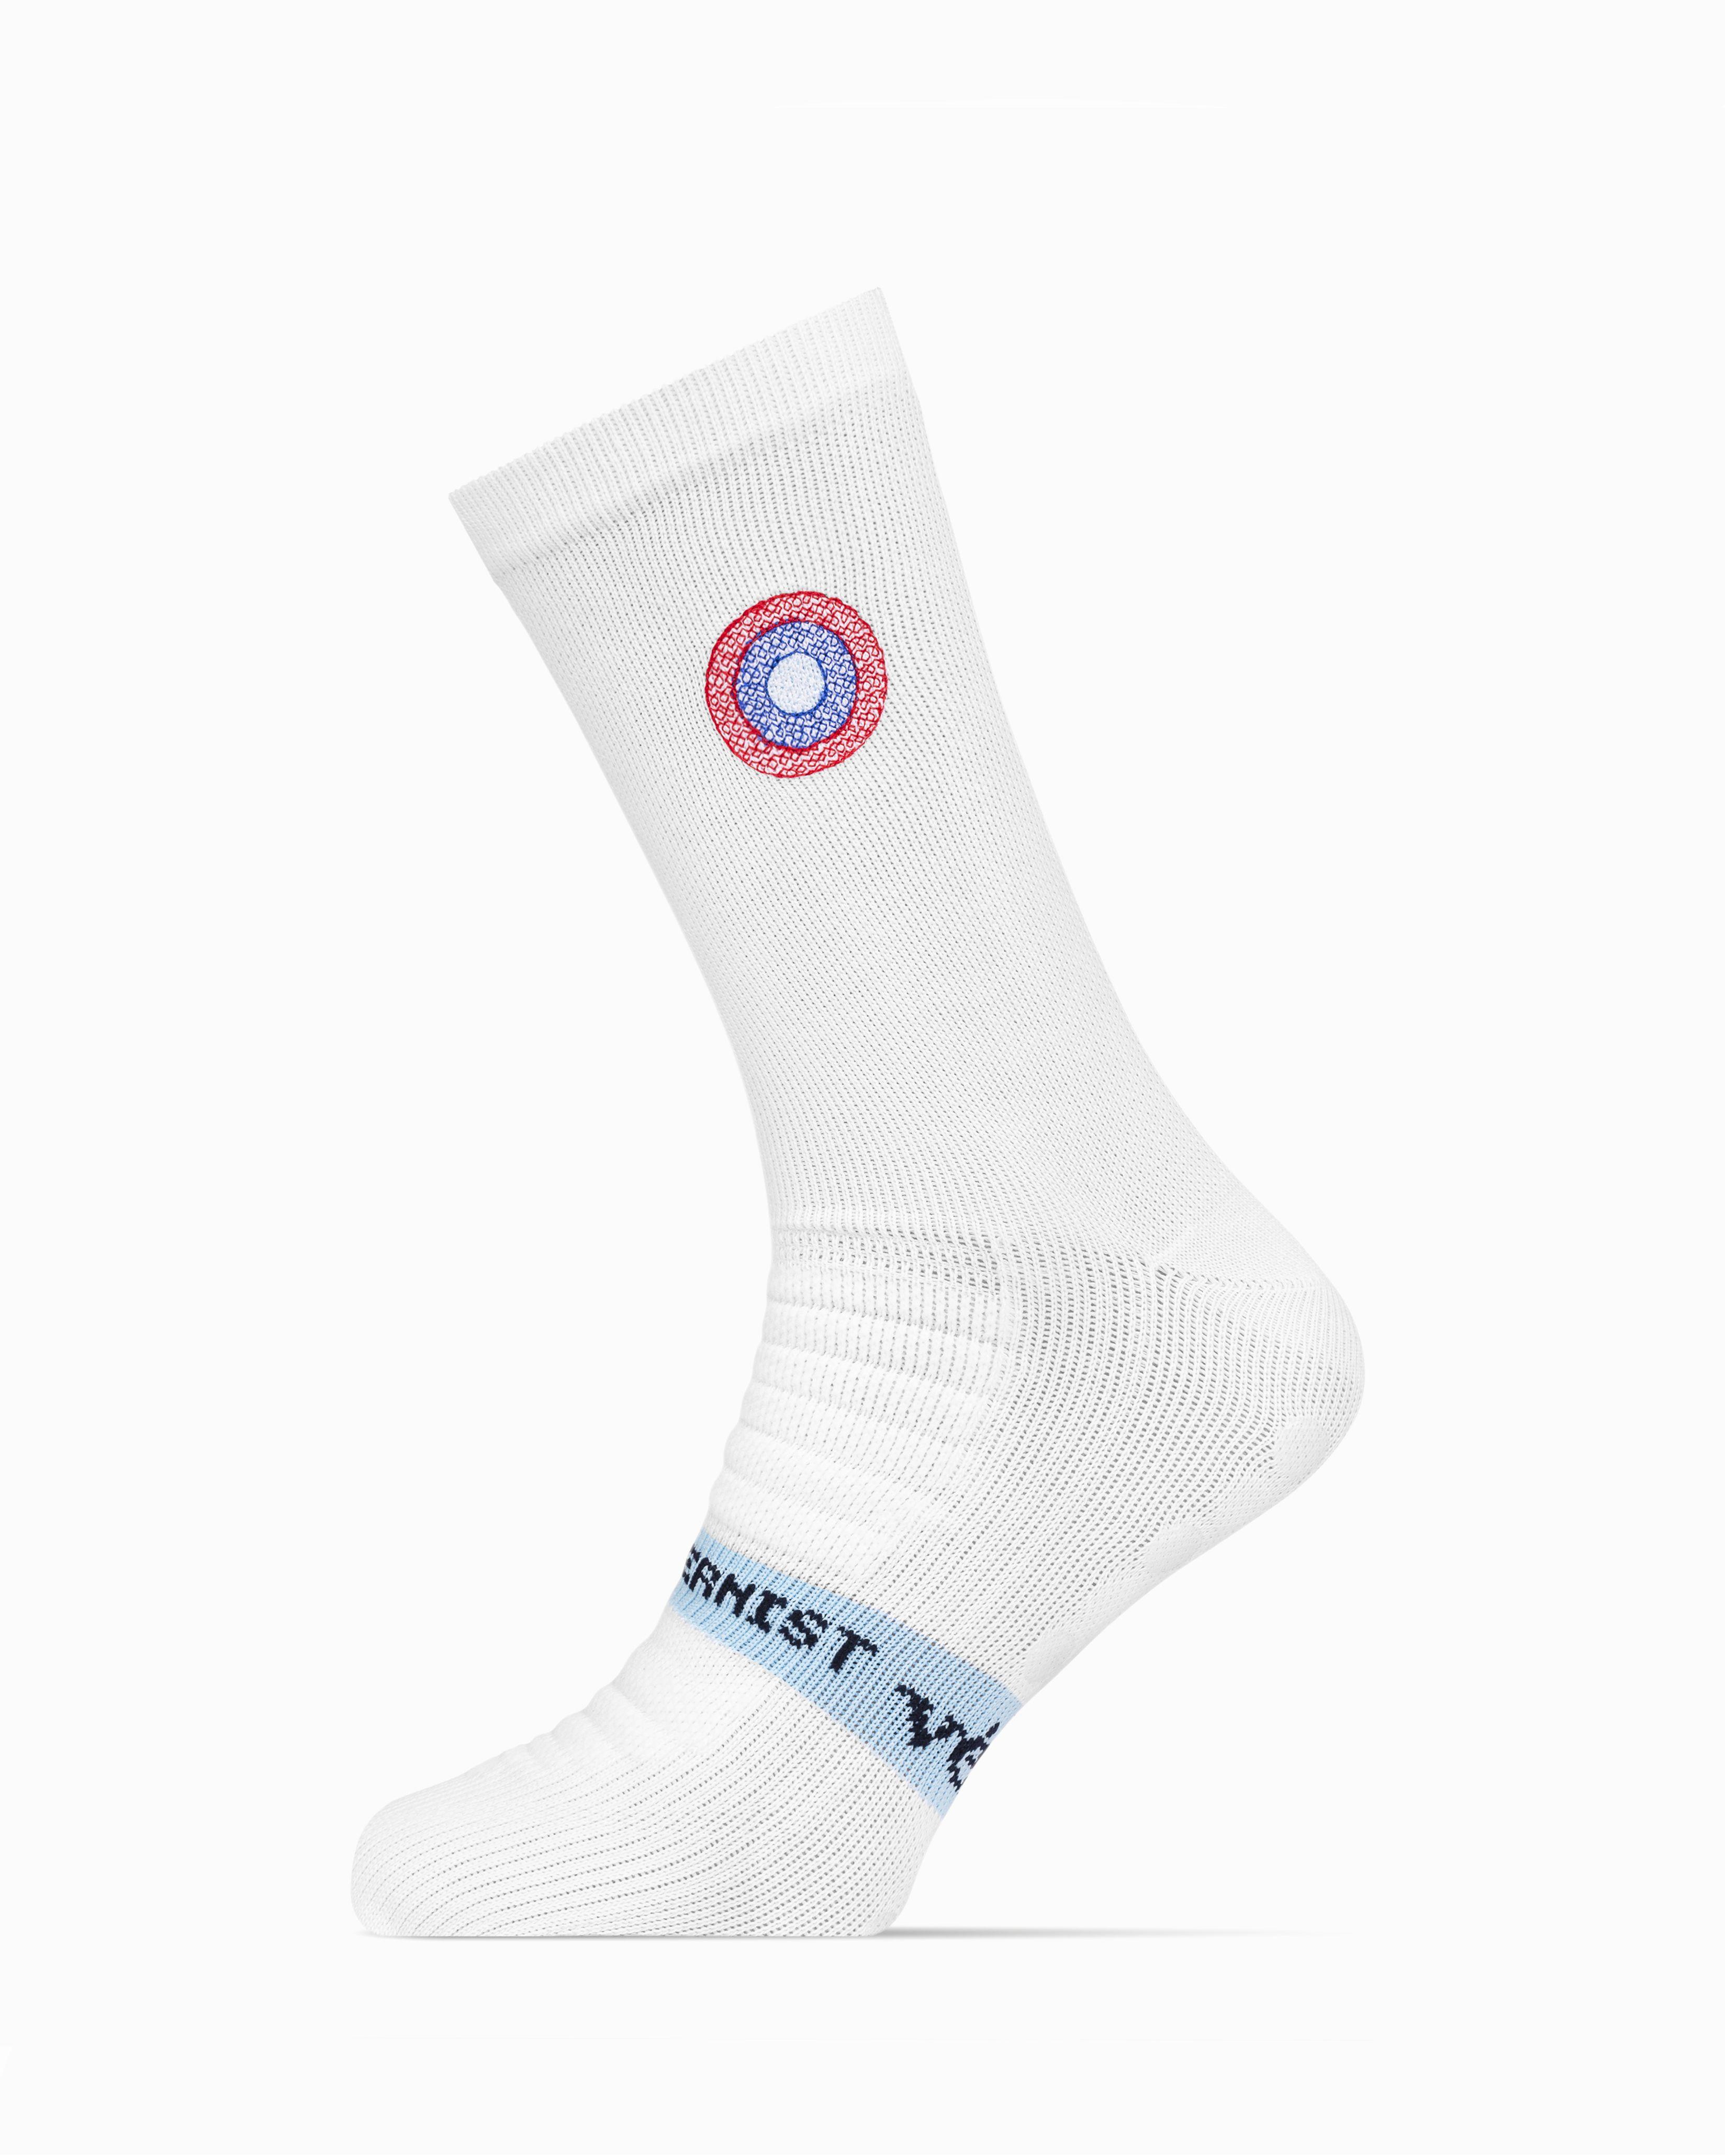 Modernist PremGripp Socks (White/Navy)